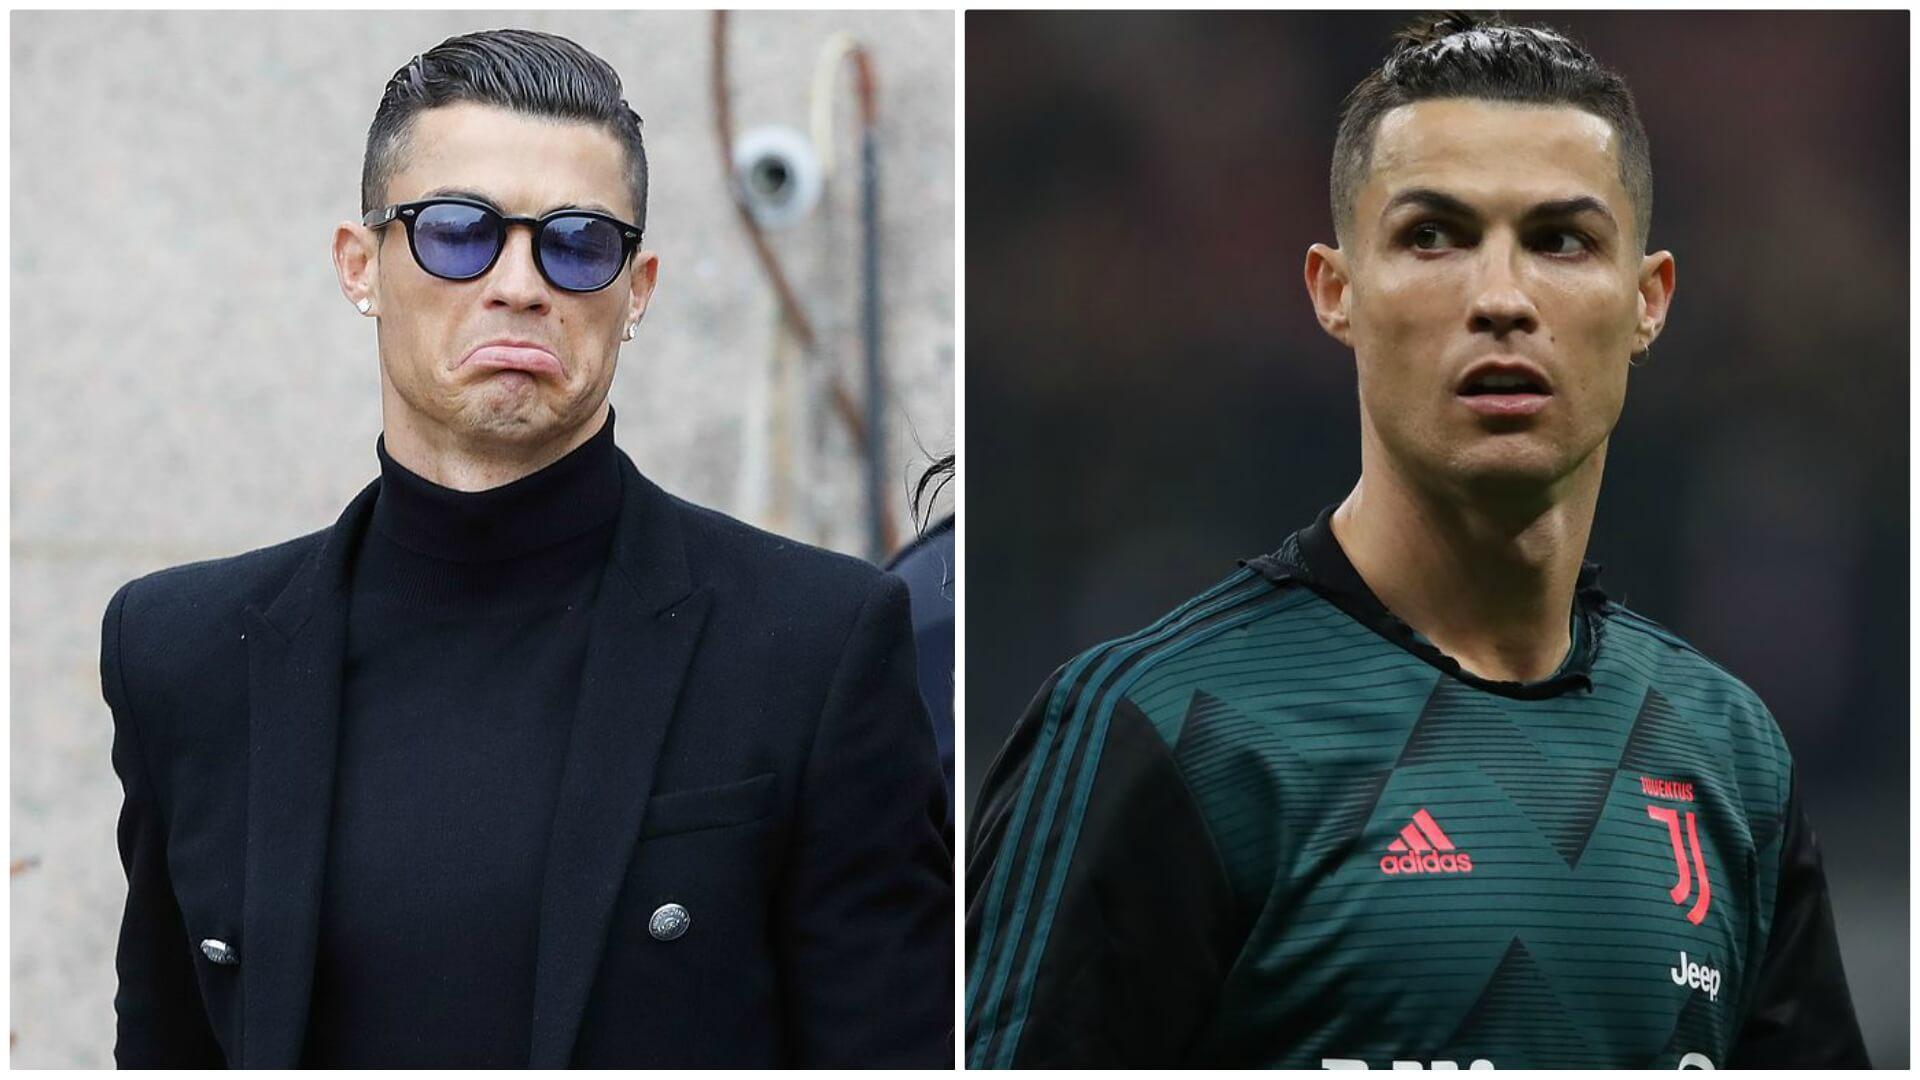 Cristiano Ronaldo NIE ZMIENI swoich hoteli w szpitale!